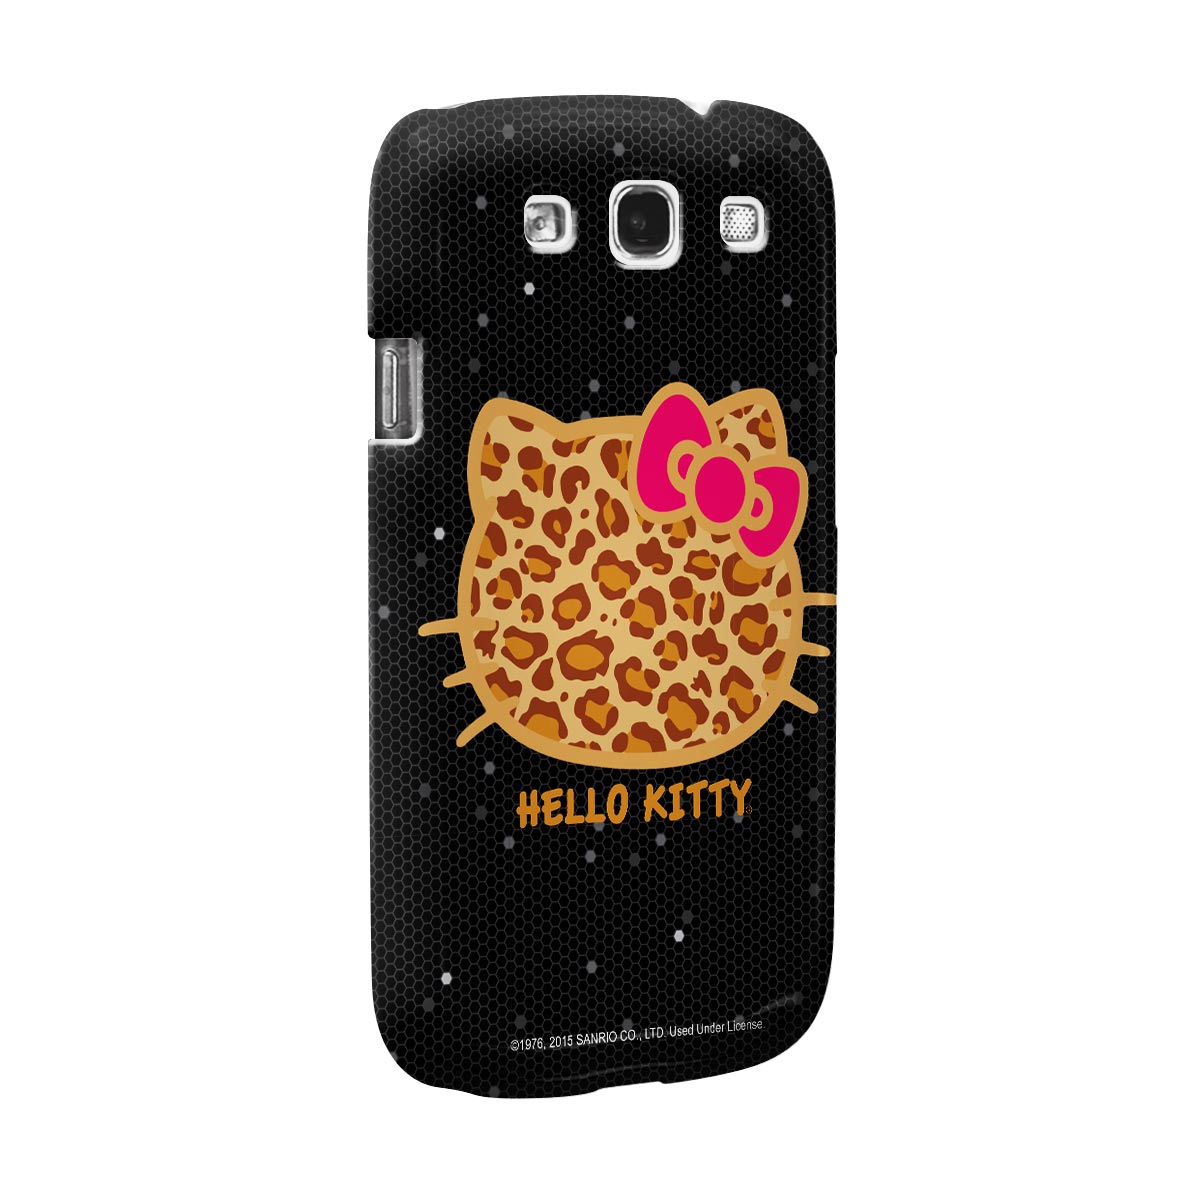 Capa para Samsung Galaxy S3 Hello Kitty Print Fuzzy